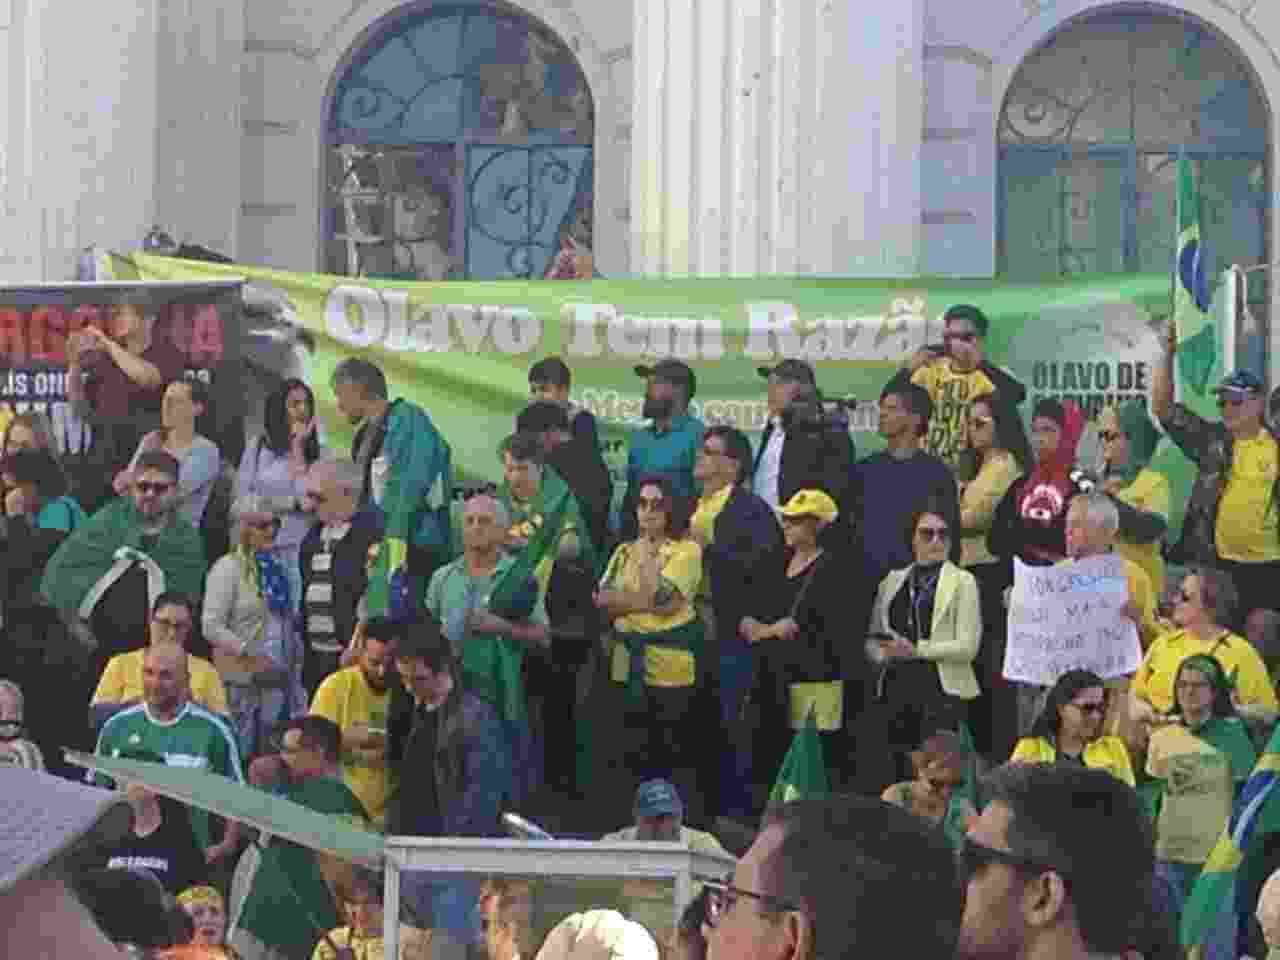 26.mai.2019 - Em Curitiba, manifestantes fazem ato em frente à Universidade Federal do Paraná - Vinicius Konchinski/UOL